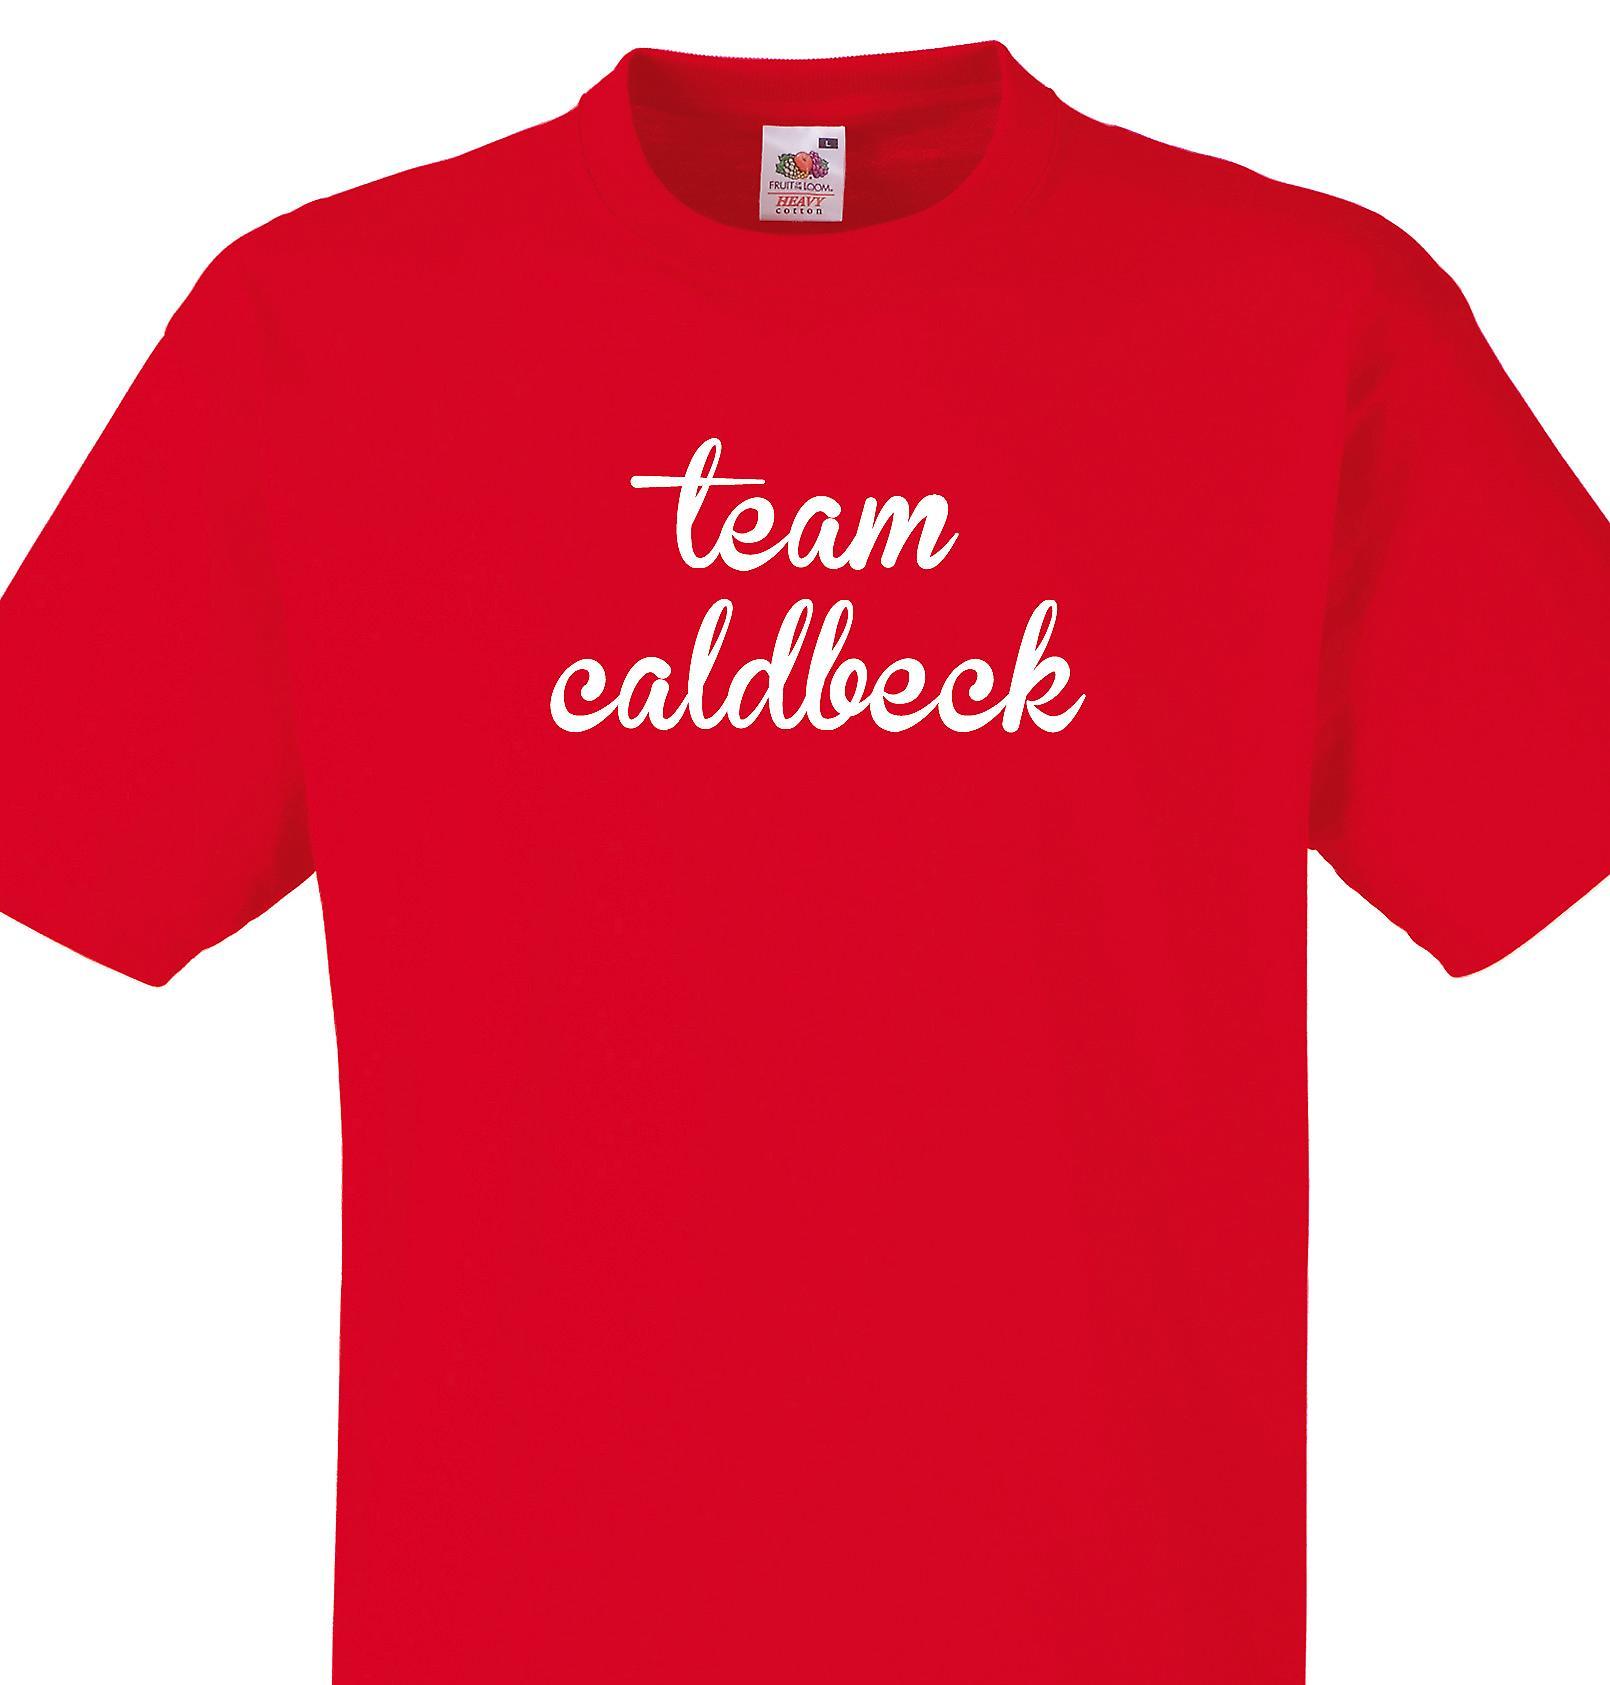 Team Caldbeck Red T shirt